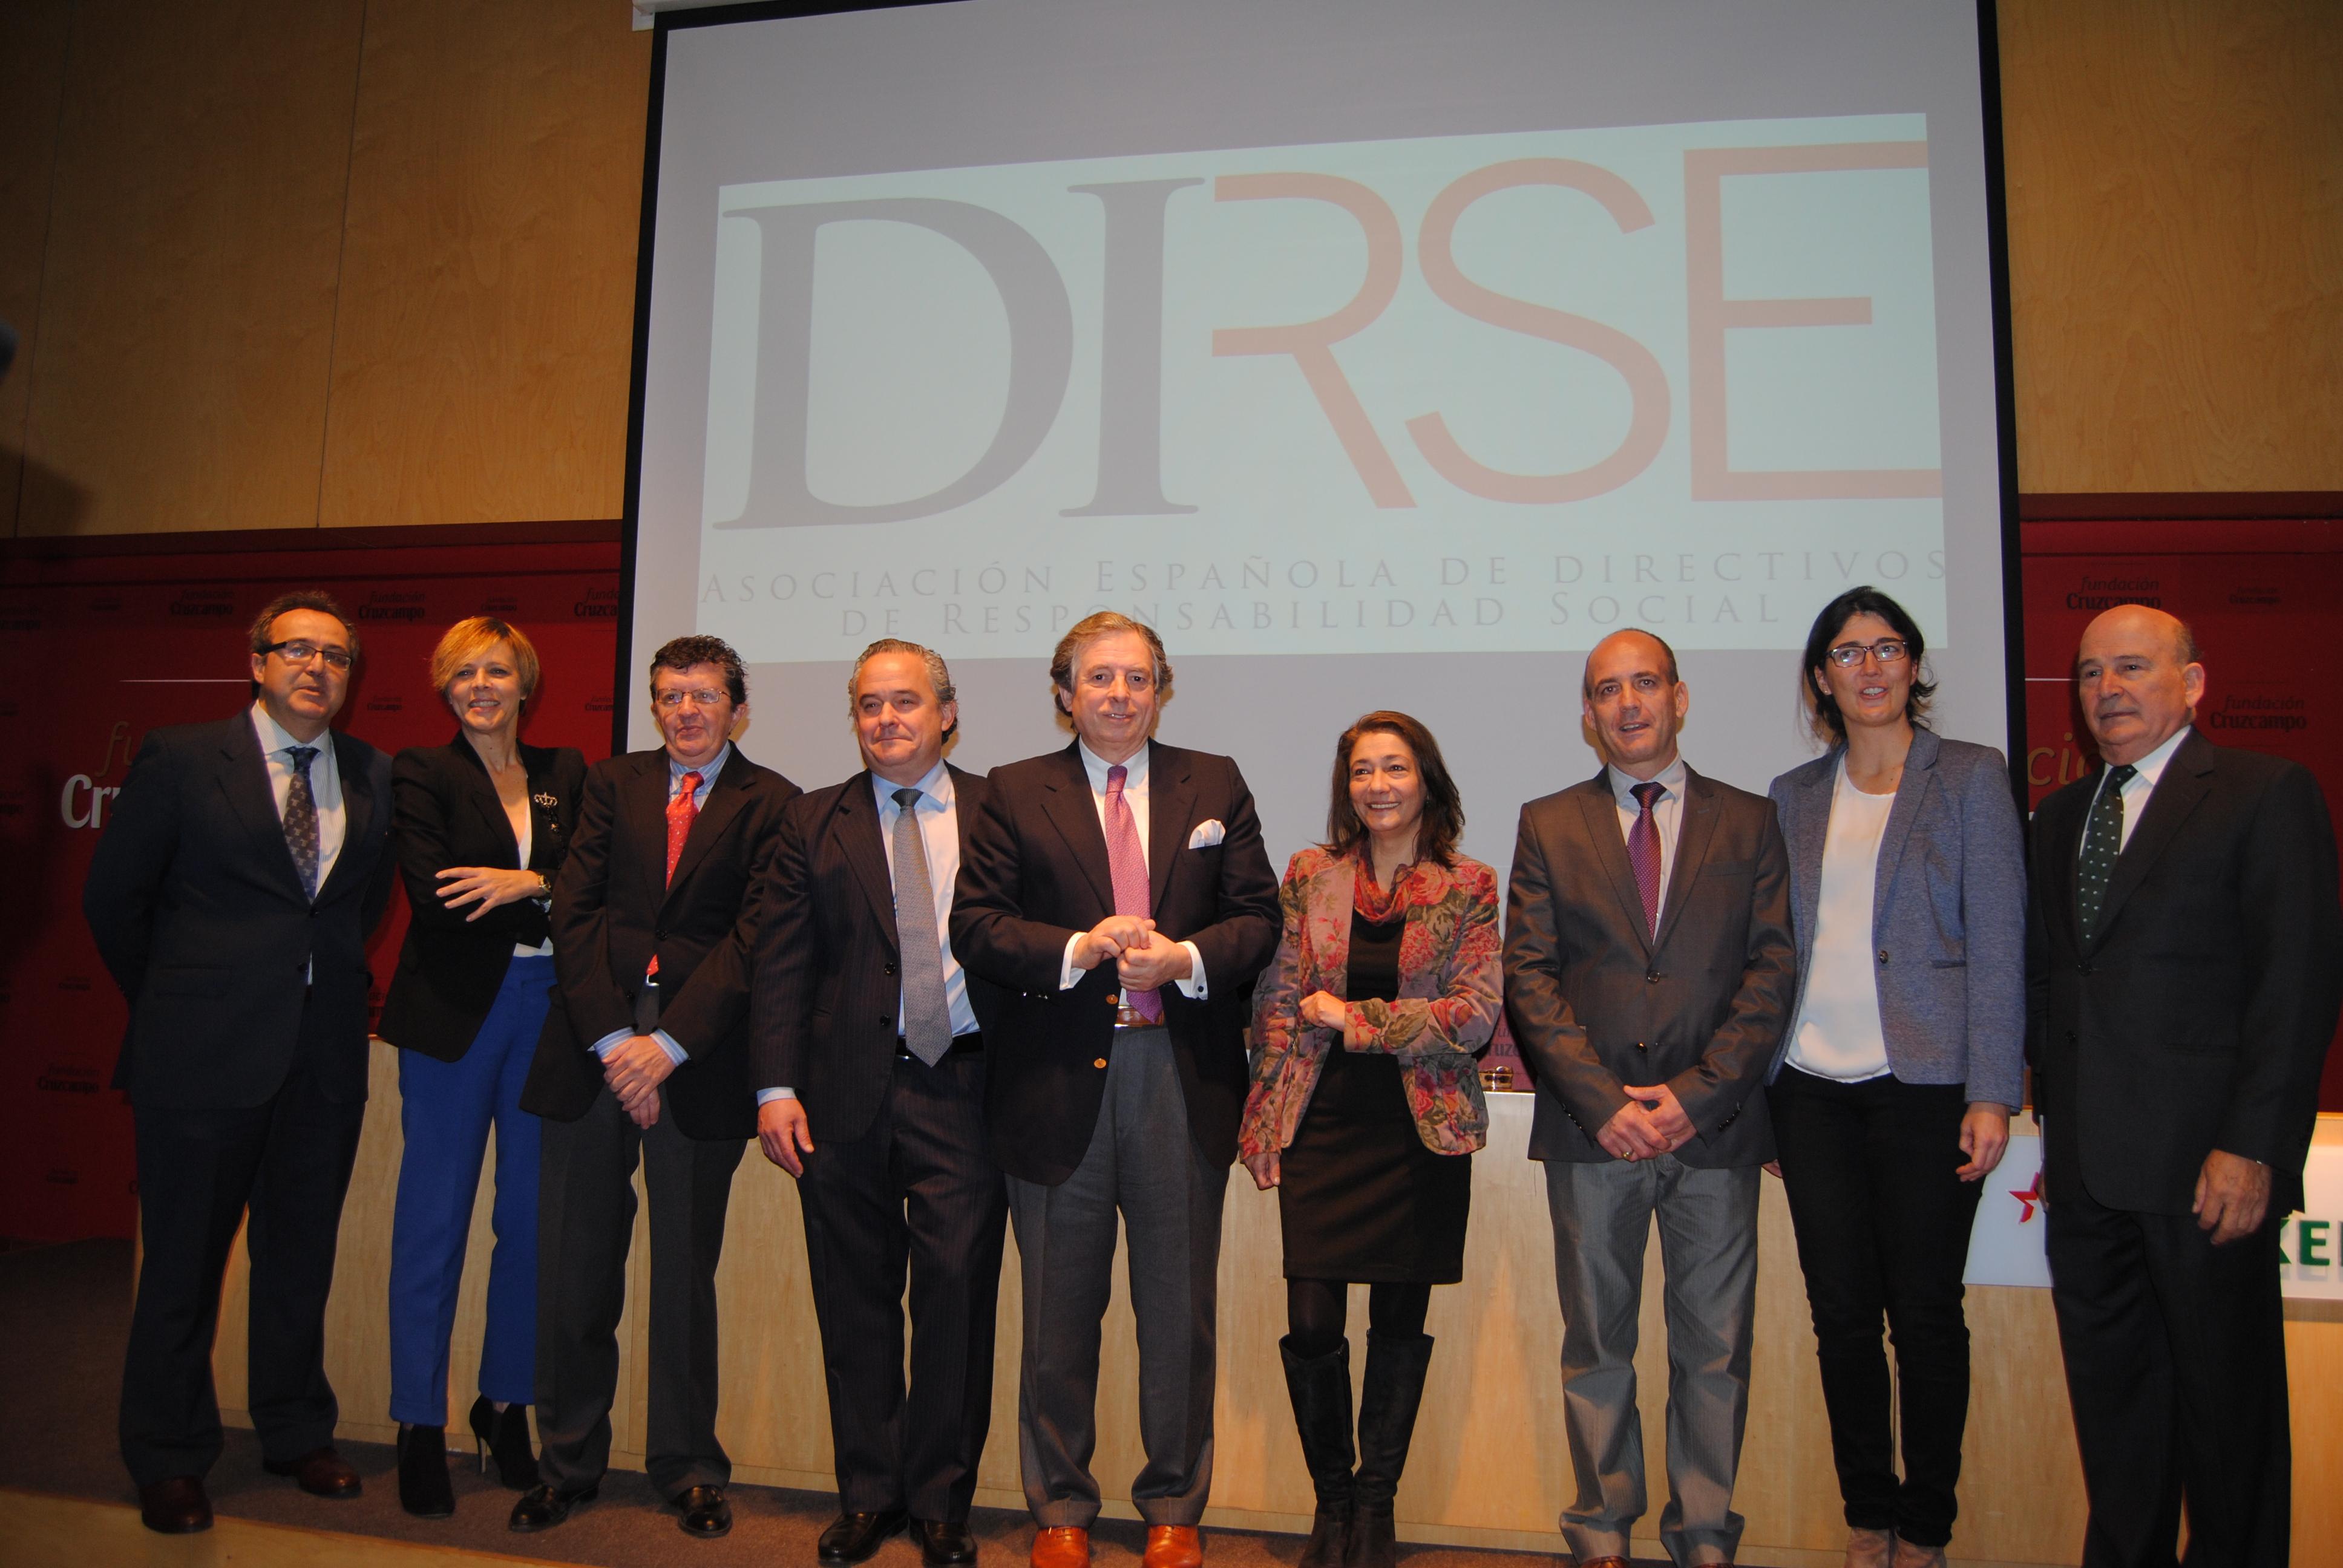 Presentación de DIRSE en Sevilla. Diario Cinco Días.